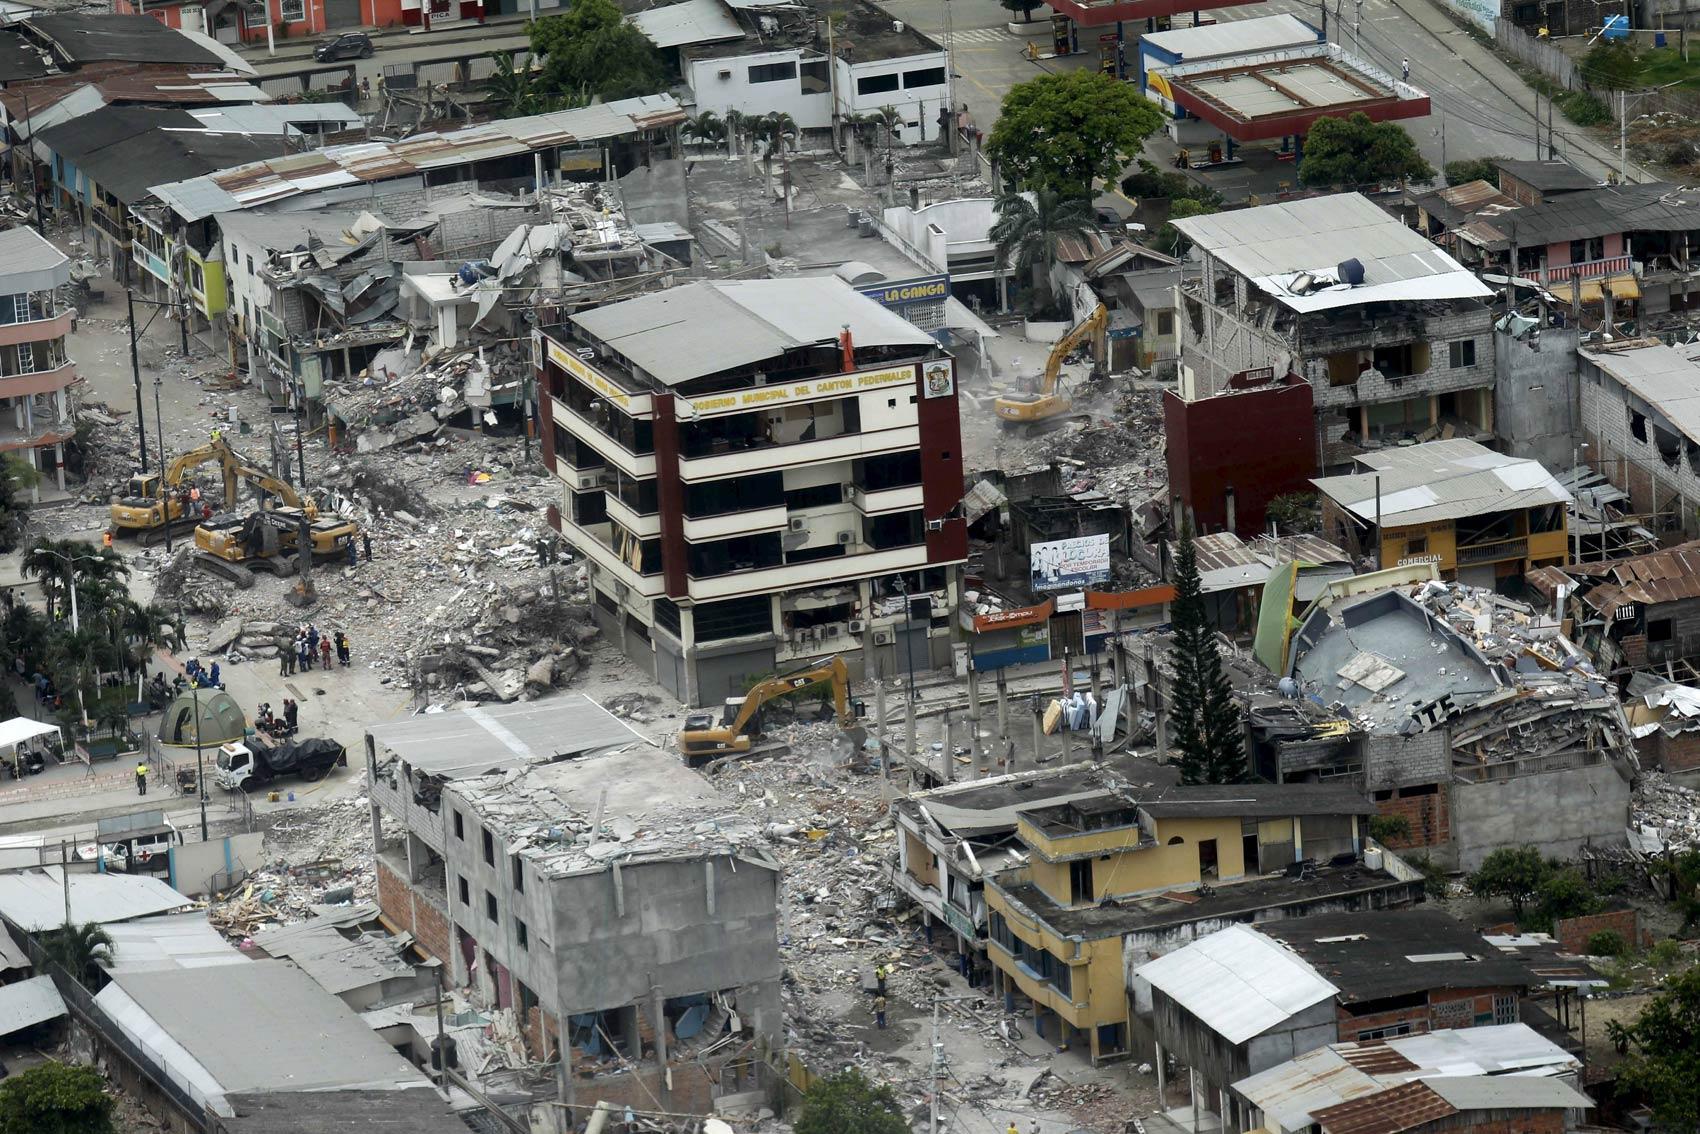 TERREMOTO DE 7,5 NO EQUADOR APÓS A TERRA SER ATINGIDA POR RAIOS CÓSMICOS VINDOS DO ELENIN